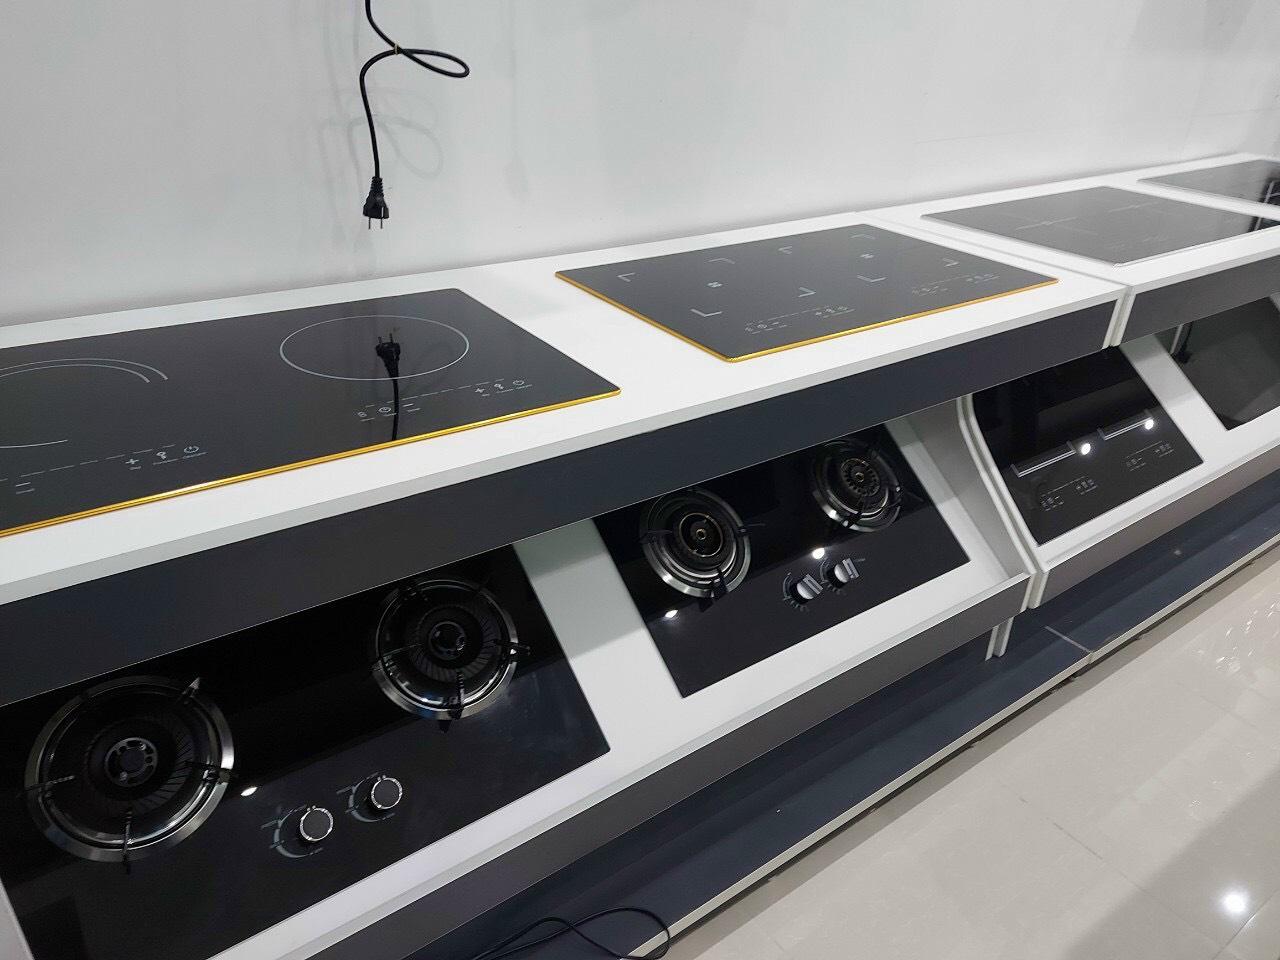 Bếp điện từ đôi âm hàng cao cấp,  có chệ độ tự ngắt an toàn trong nấu nướng, mặt kính sáng kèm viền vàng, tăng sự sang trọng cho căn bếp